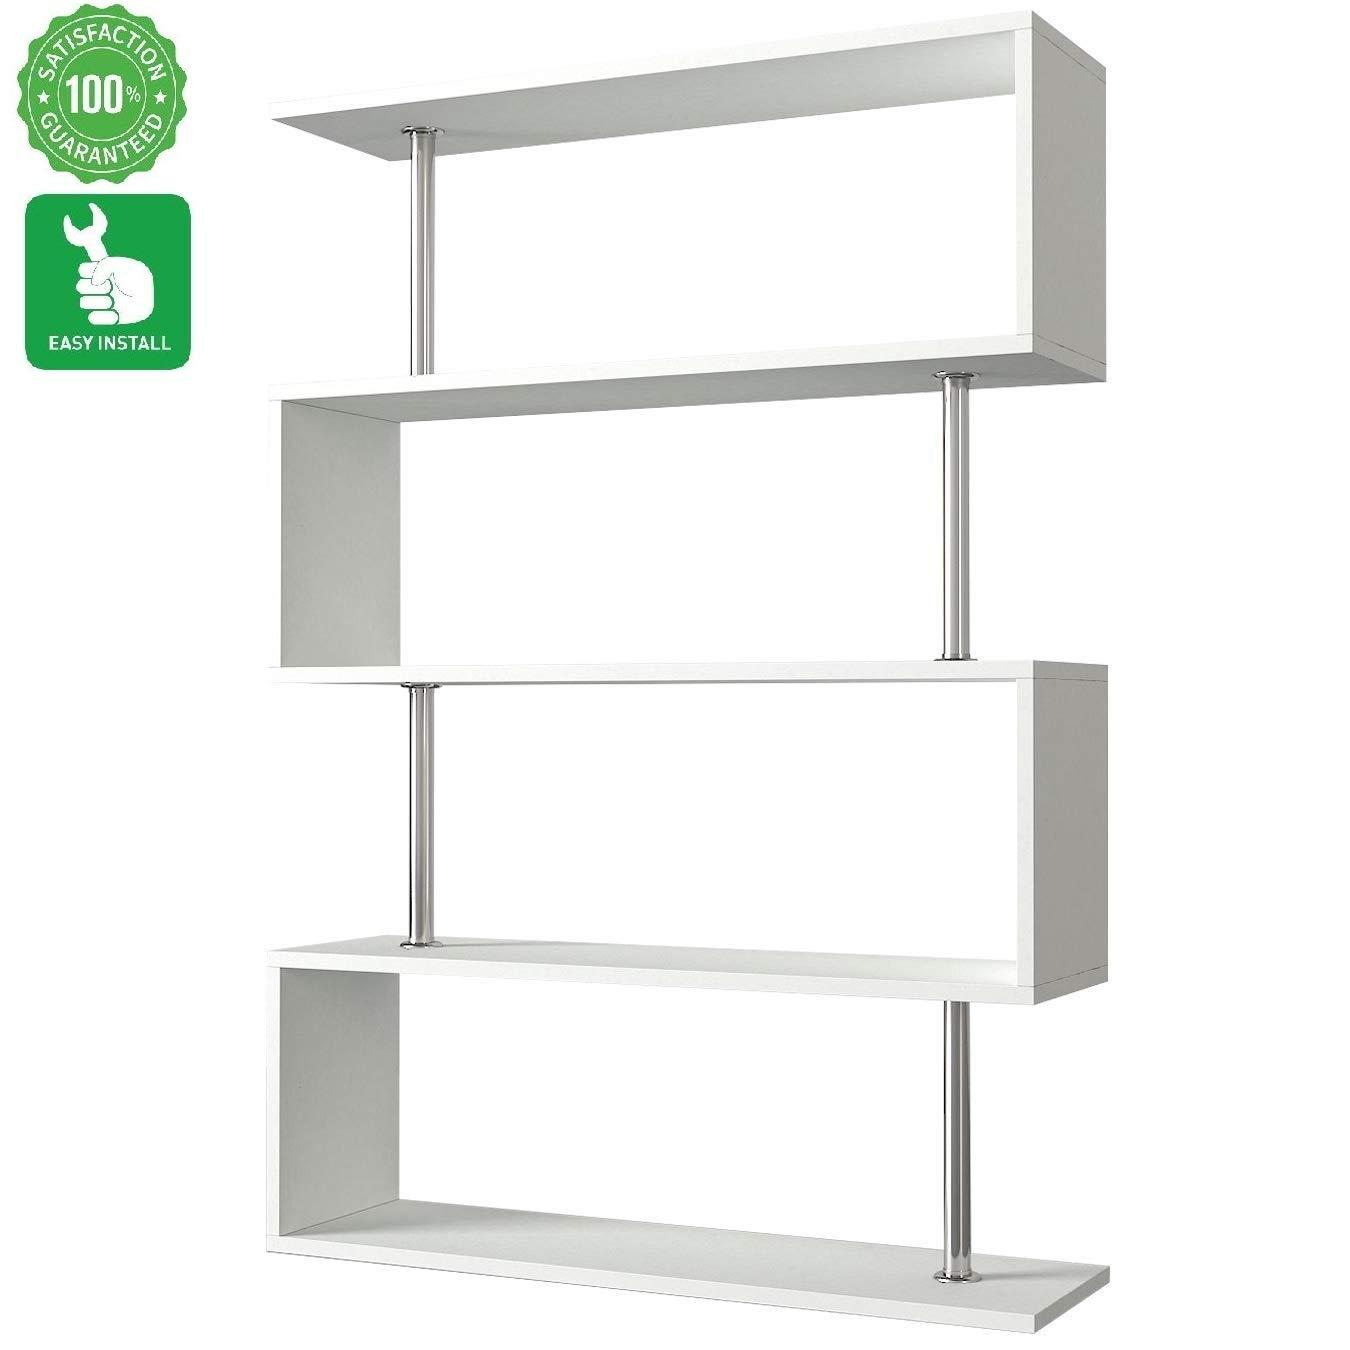 Evomax Estantería blanca para libros, estantería moderna, estantería de diseño moderno y estantería para libros, 4 estantes, estantes de madera para pequeños espacios, estantería blanca: Amazon.es: Juguetes y juegos